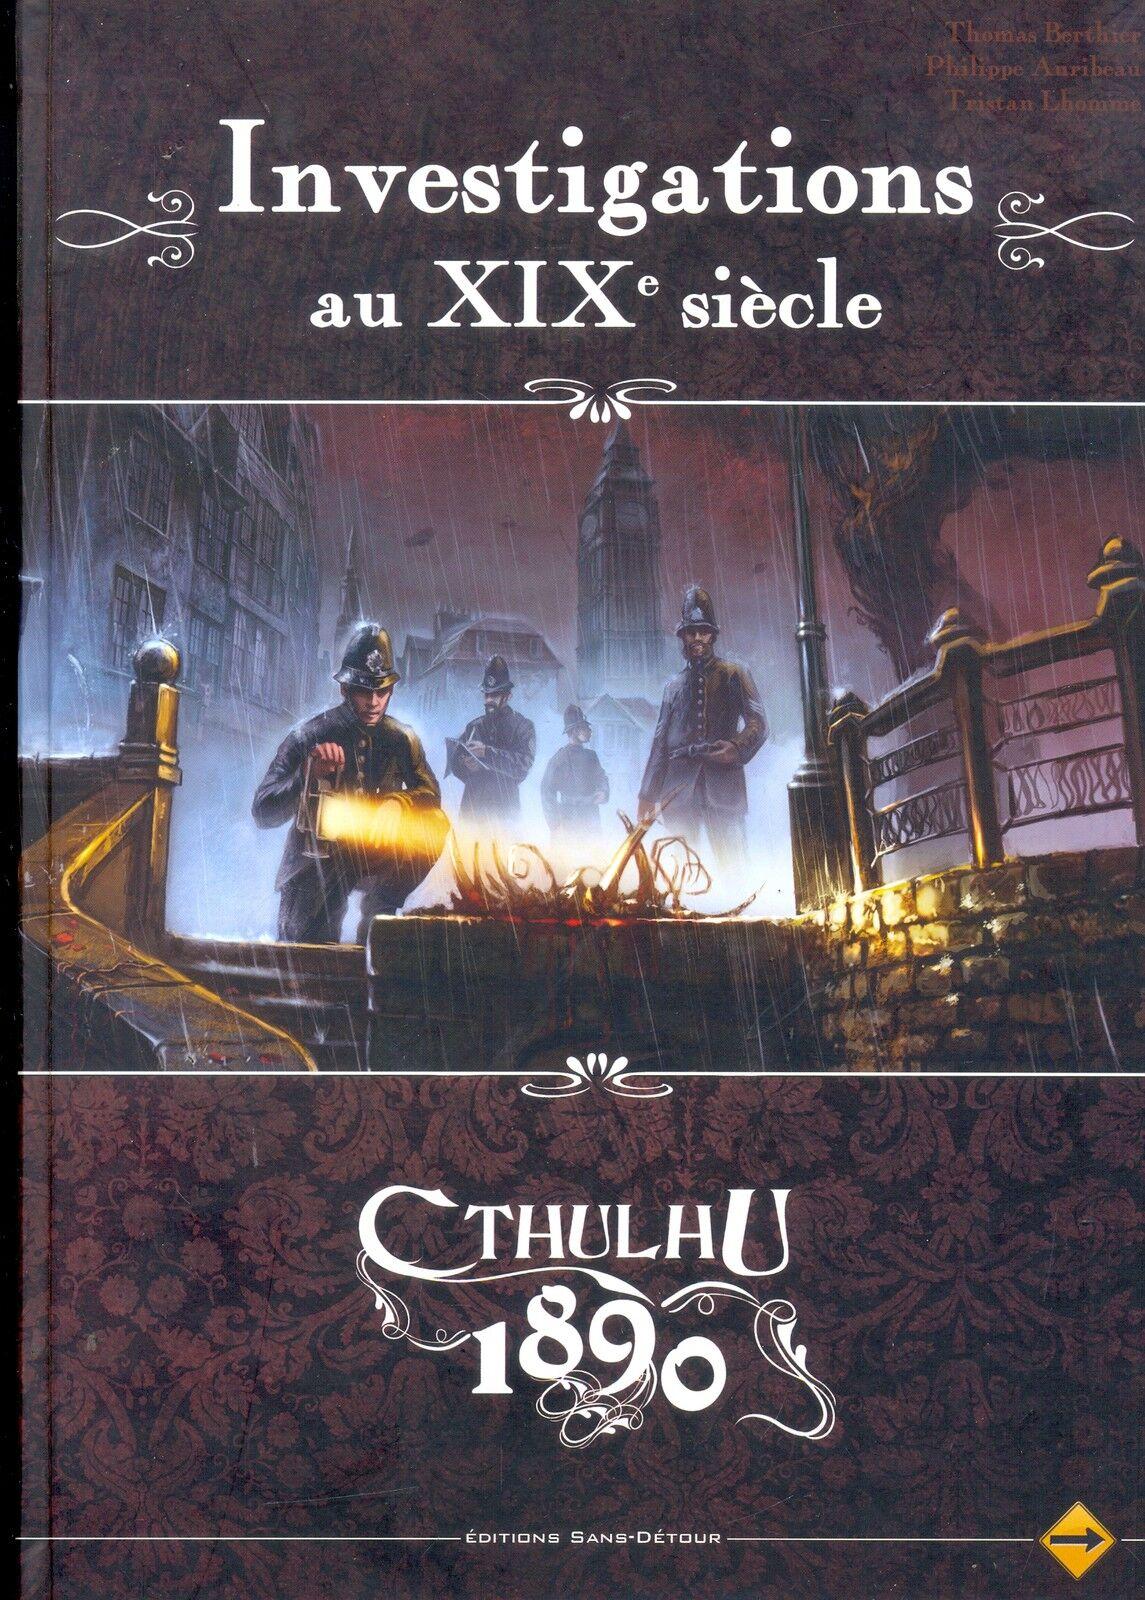 JDR RPG JEU DE ROLE   APPEL DE  CTHULHU V6 1890 INVESTIGATIONS AU XIXe SIECLE